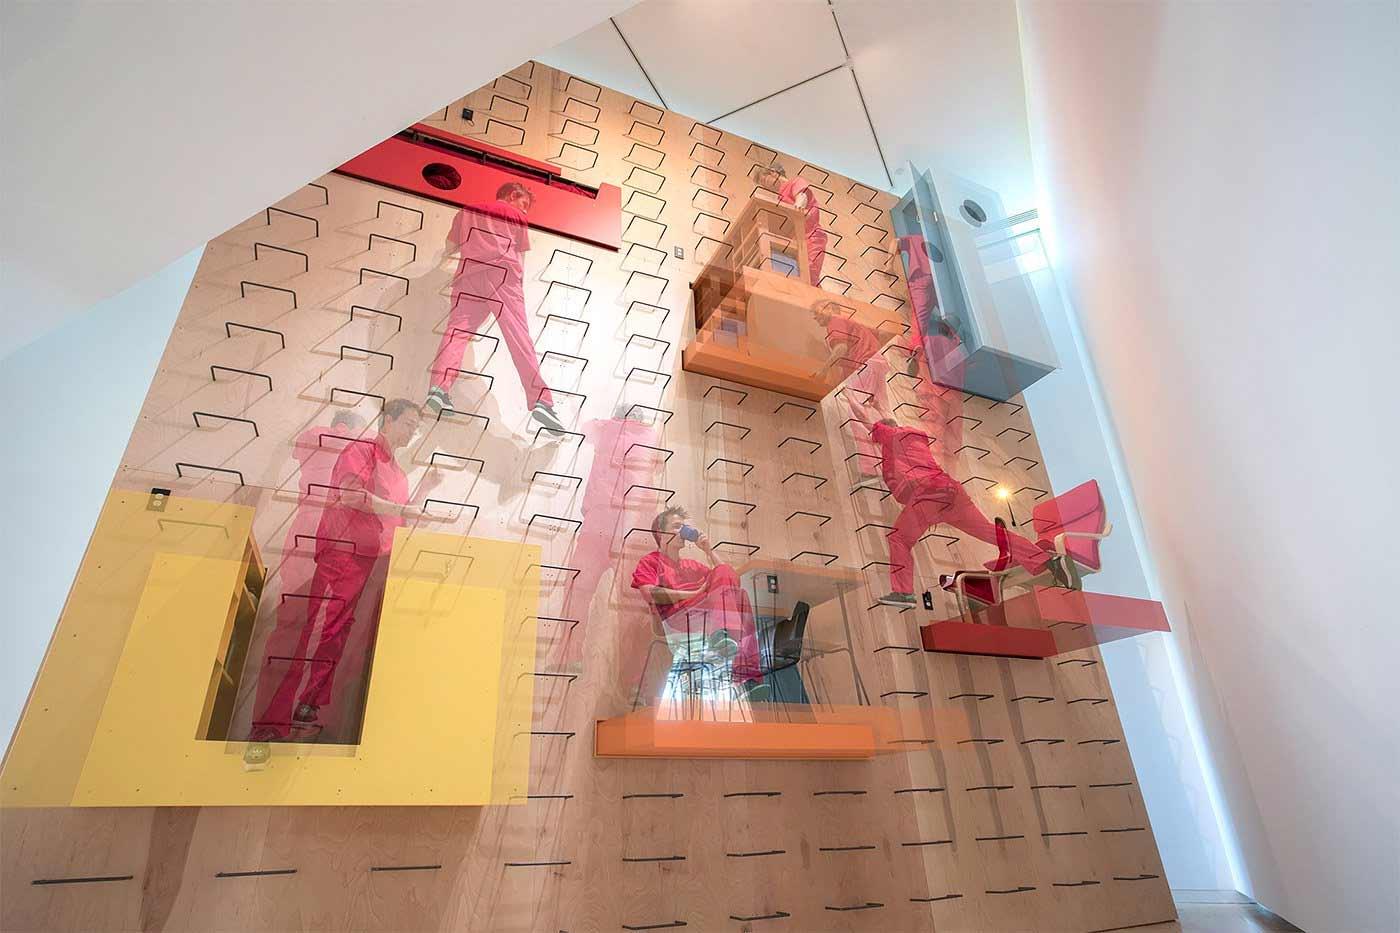 Architektur-Installationen von Alex Schweder & Ward Shelley Alex-Schweder-und-Ward-Shelley_06